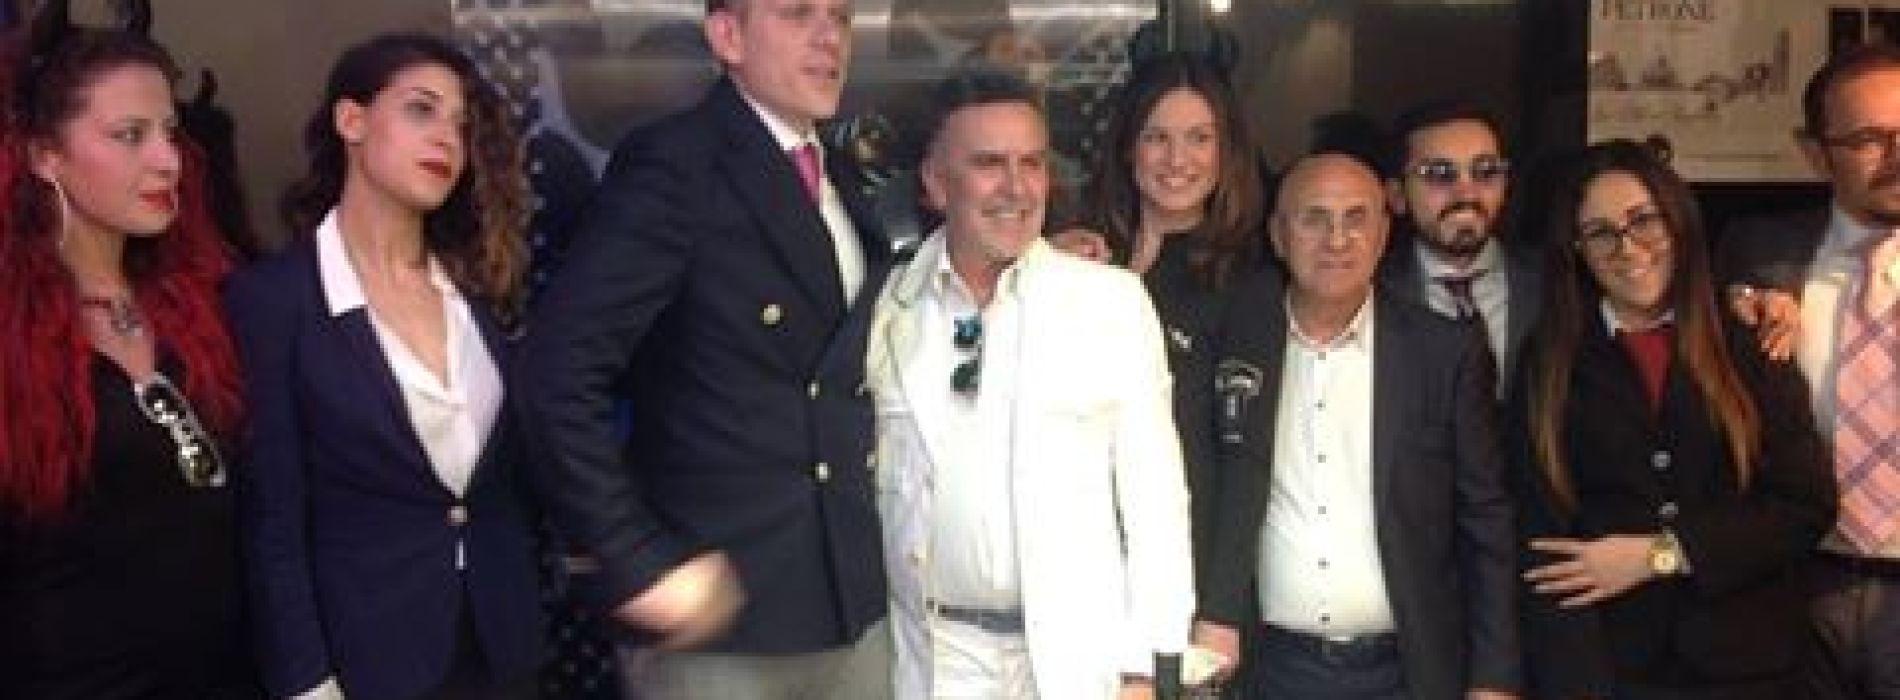 I liquori Petrone diventano fashion grazie alla collaborazione con lo stilista Alviero Martini creatore della linea Passport